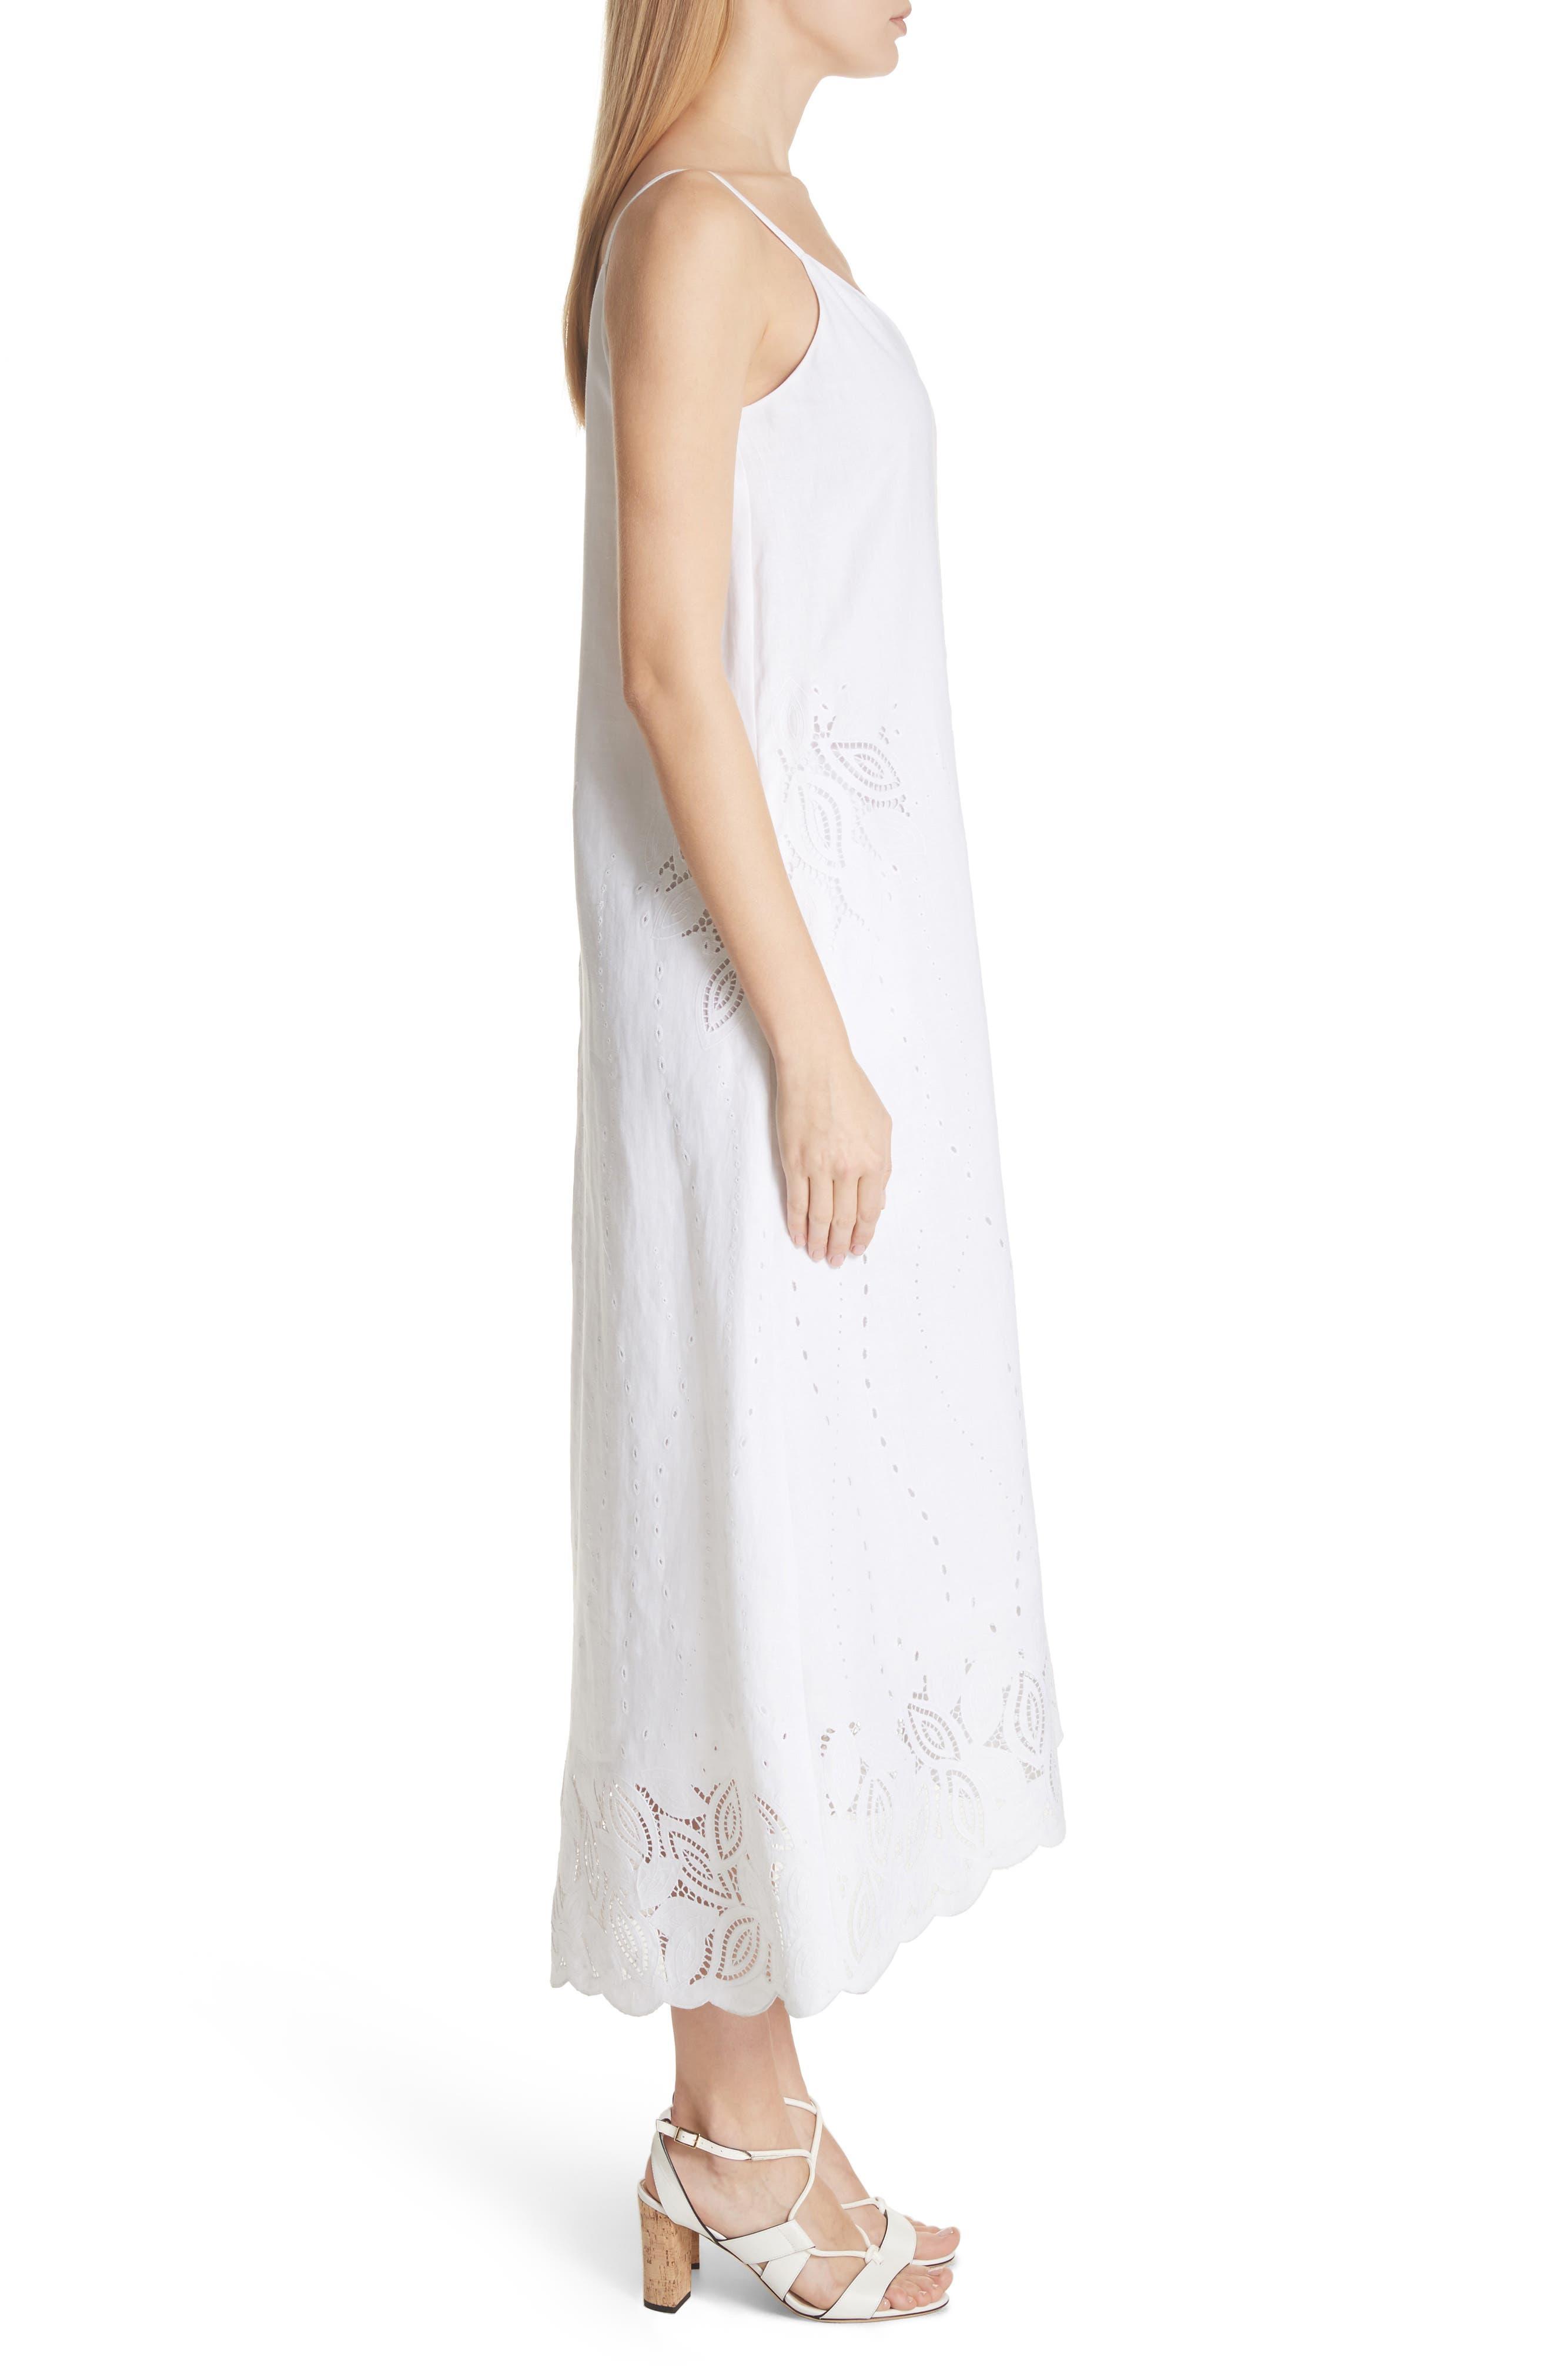 Dominique Linen Cutwork Dress,                             Alternate thumbnail 3, color,                             100